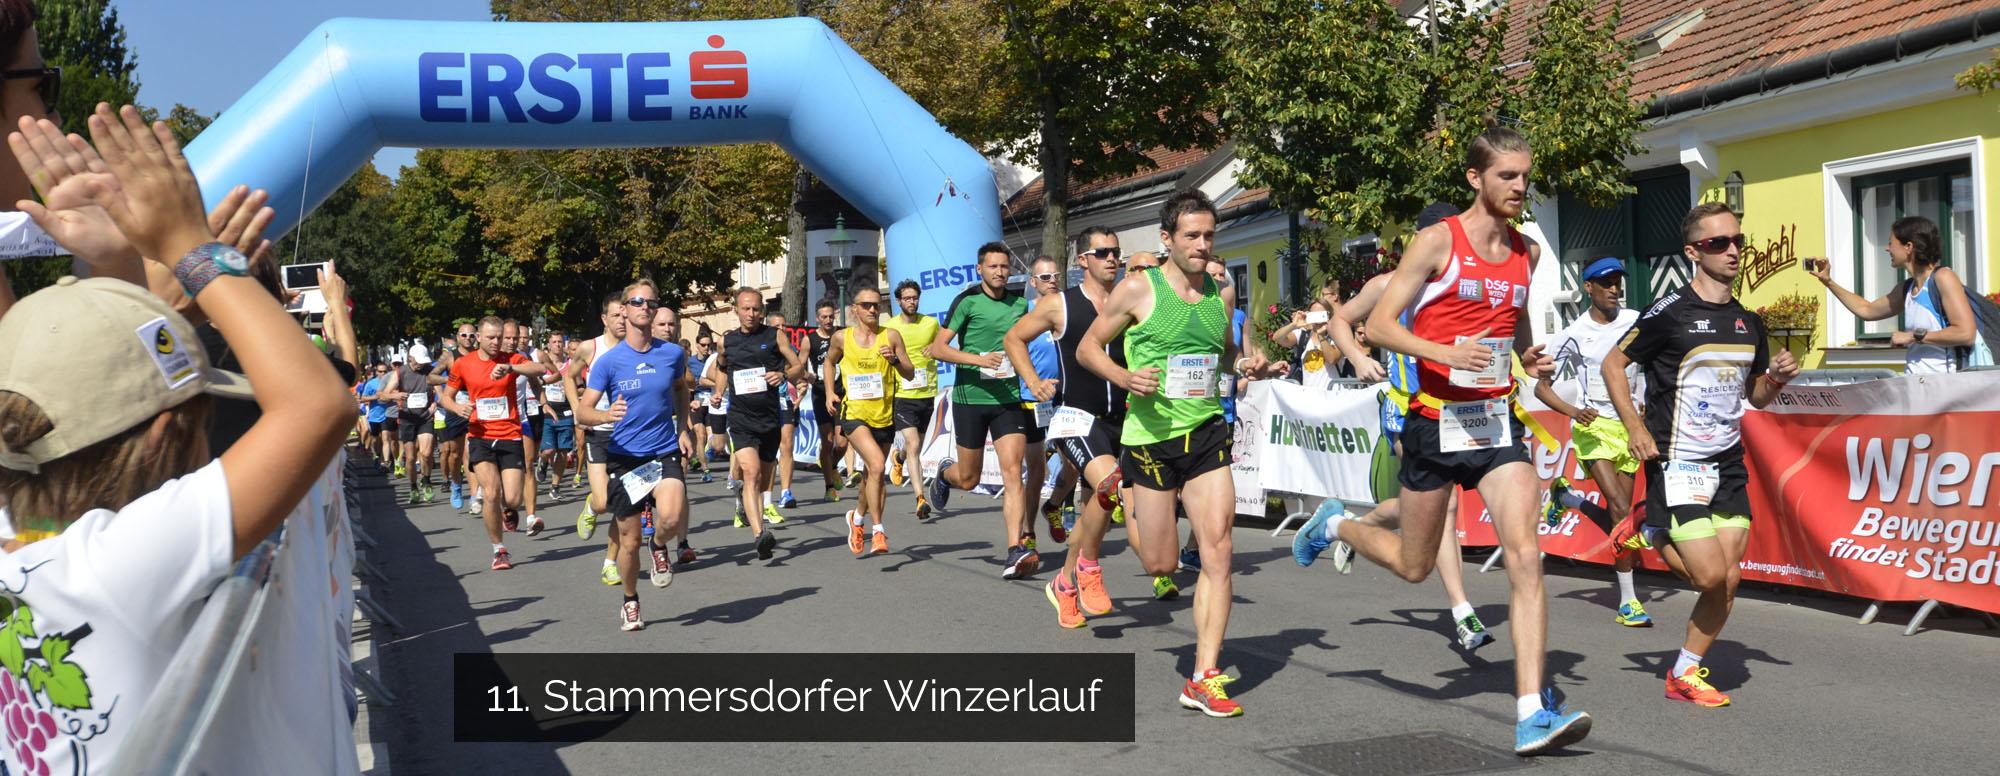 Stammersdorfer Winzerlauf 2017